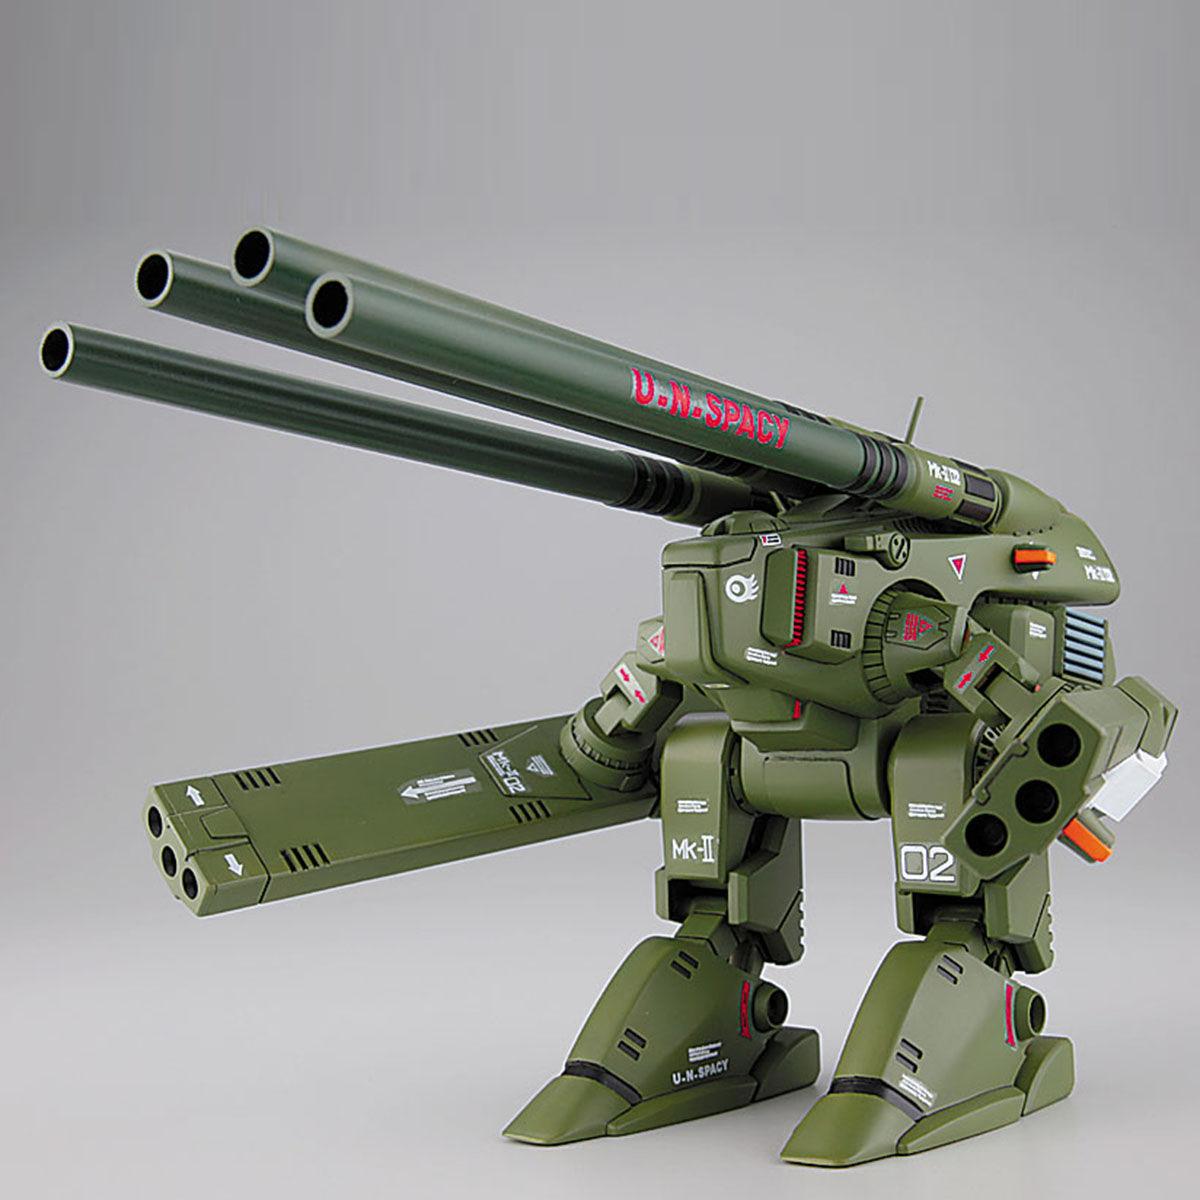 【再販】超時空要塞マクロス『超重量級デストロイド モンスター』1/200 プラモデル-001